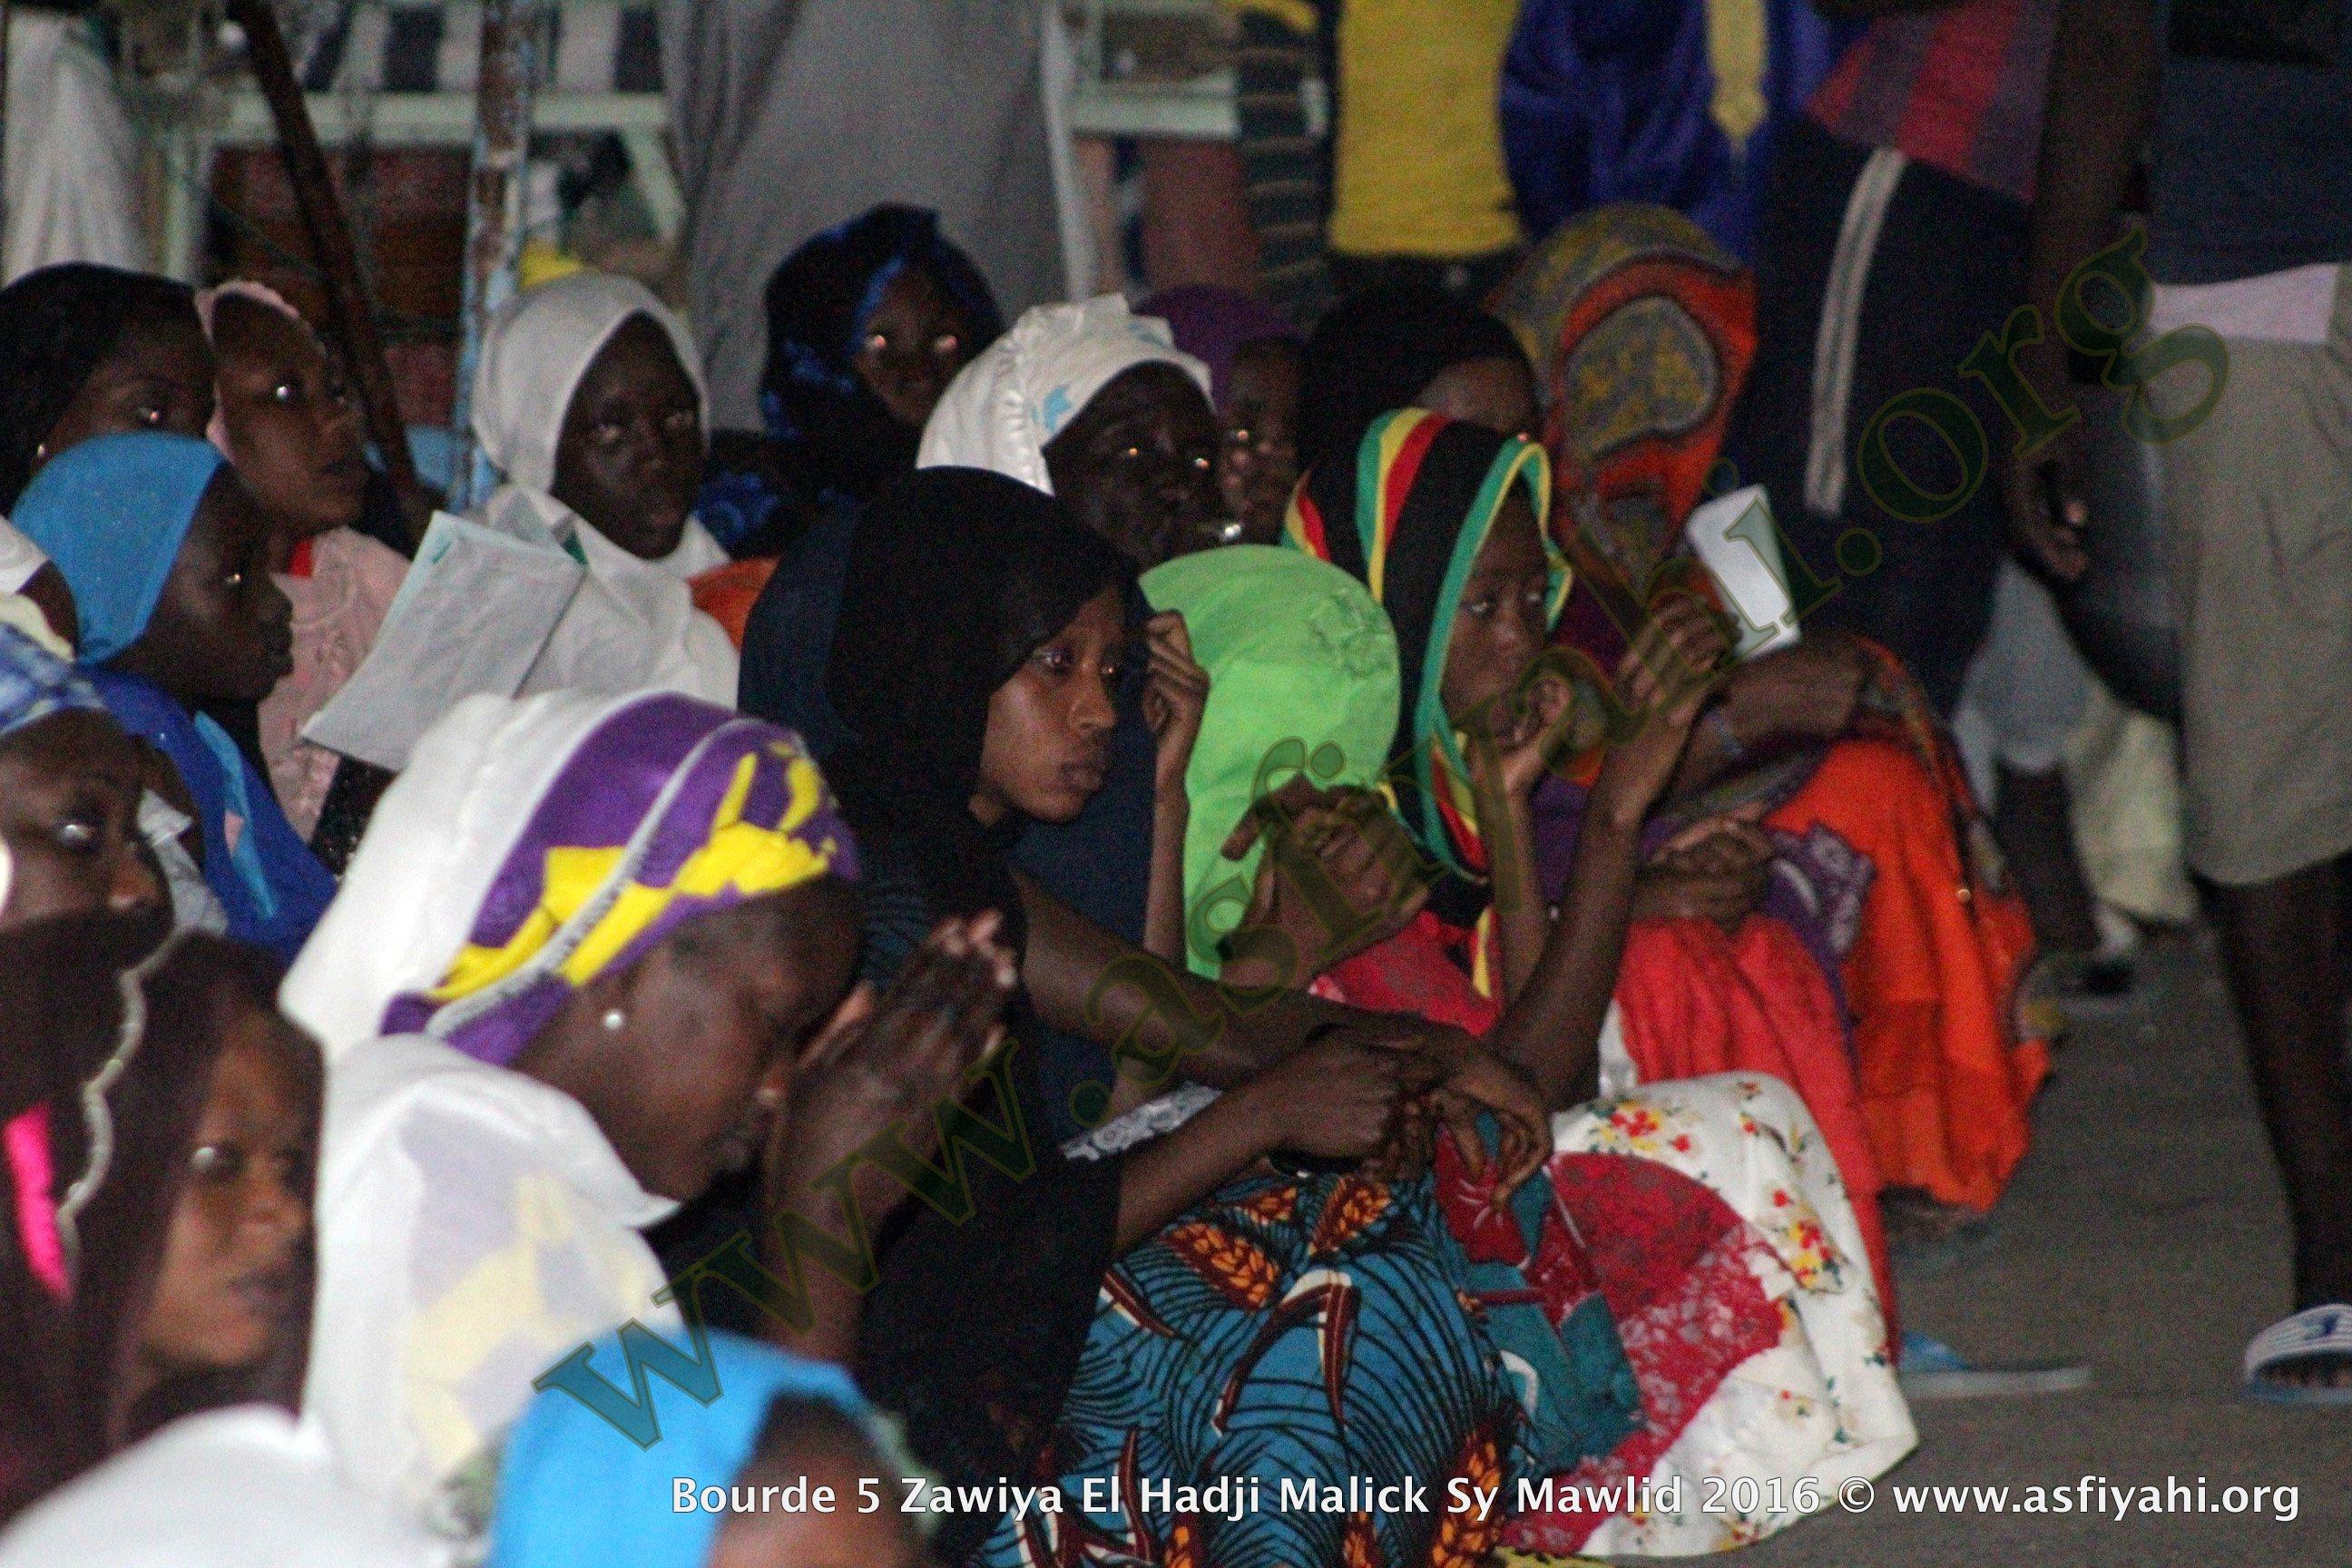 PHOTOS - BURD GAMOU TIVAOUANE 2016 - Les Images de la Nuit du Dimanche 4 Decembre 2016 à la Zawiya El hadj Malick Sy